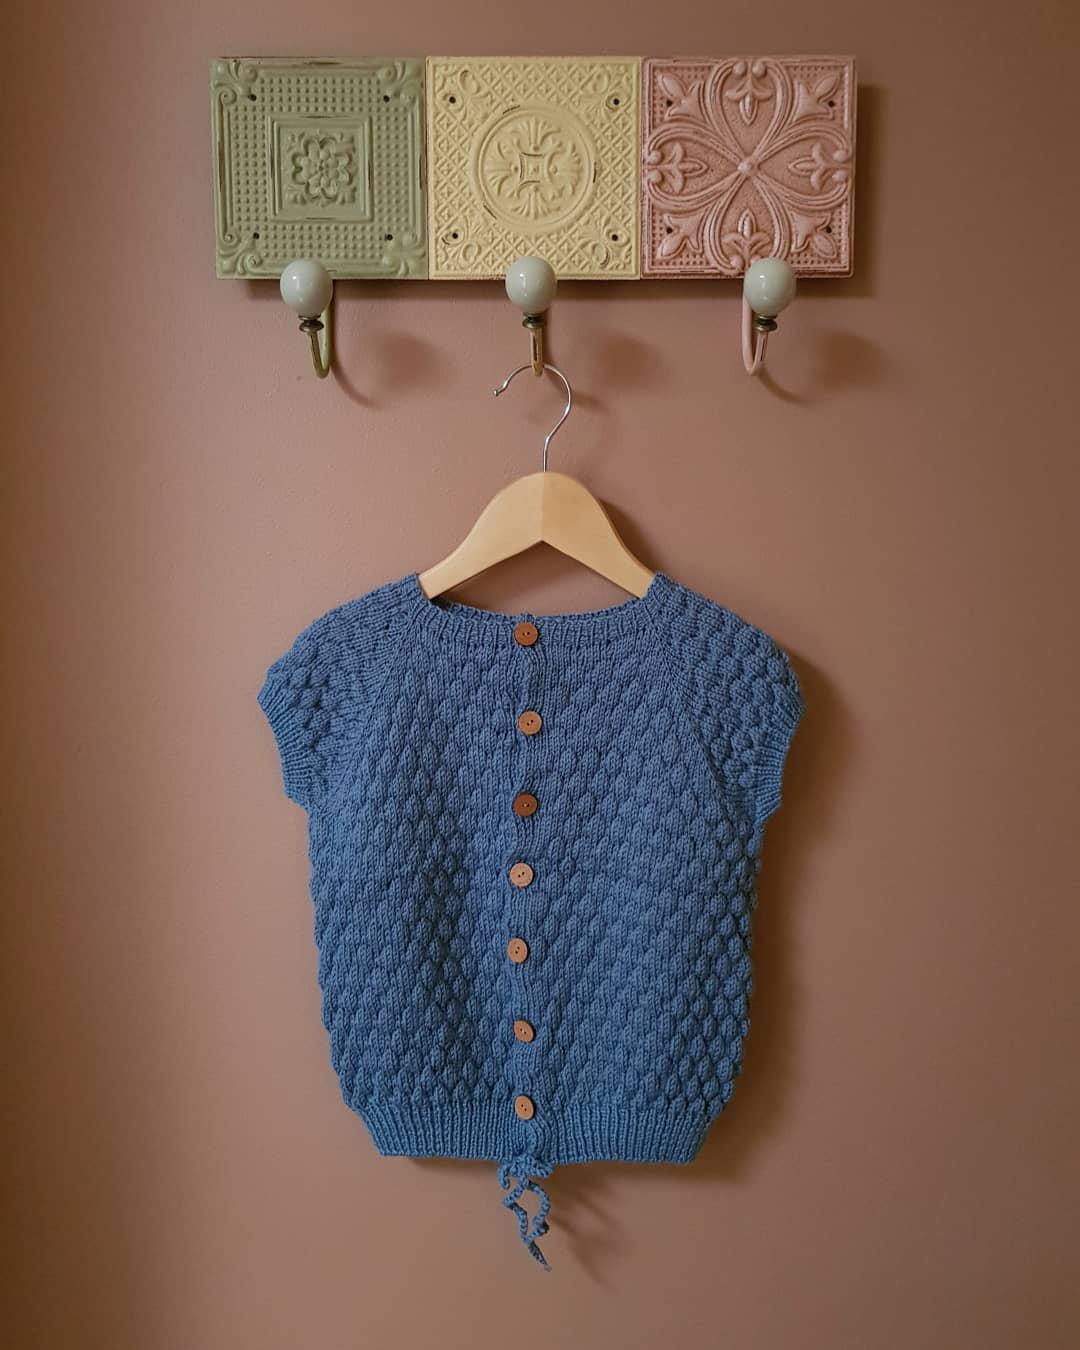 The Blauwe Bessen ~ Blueberry vest